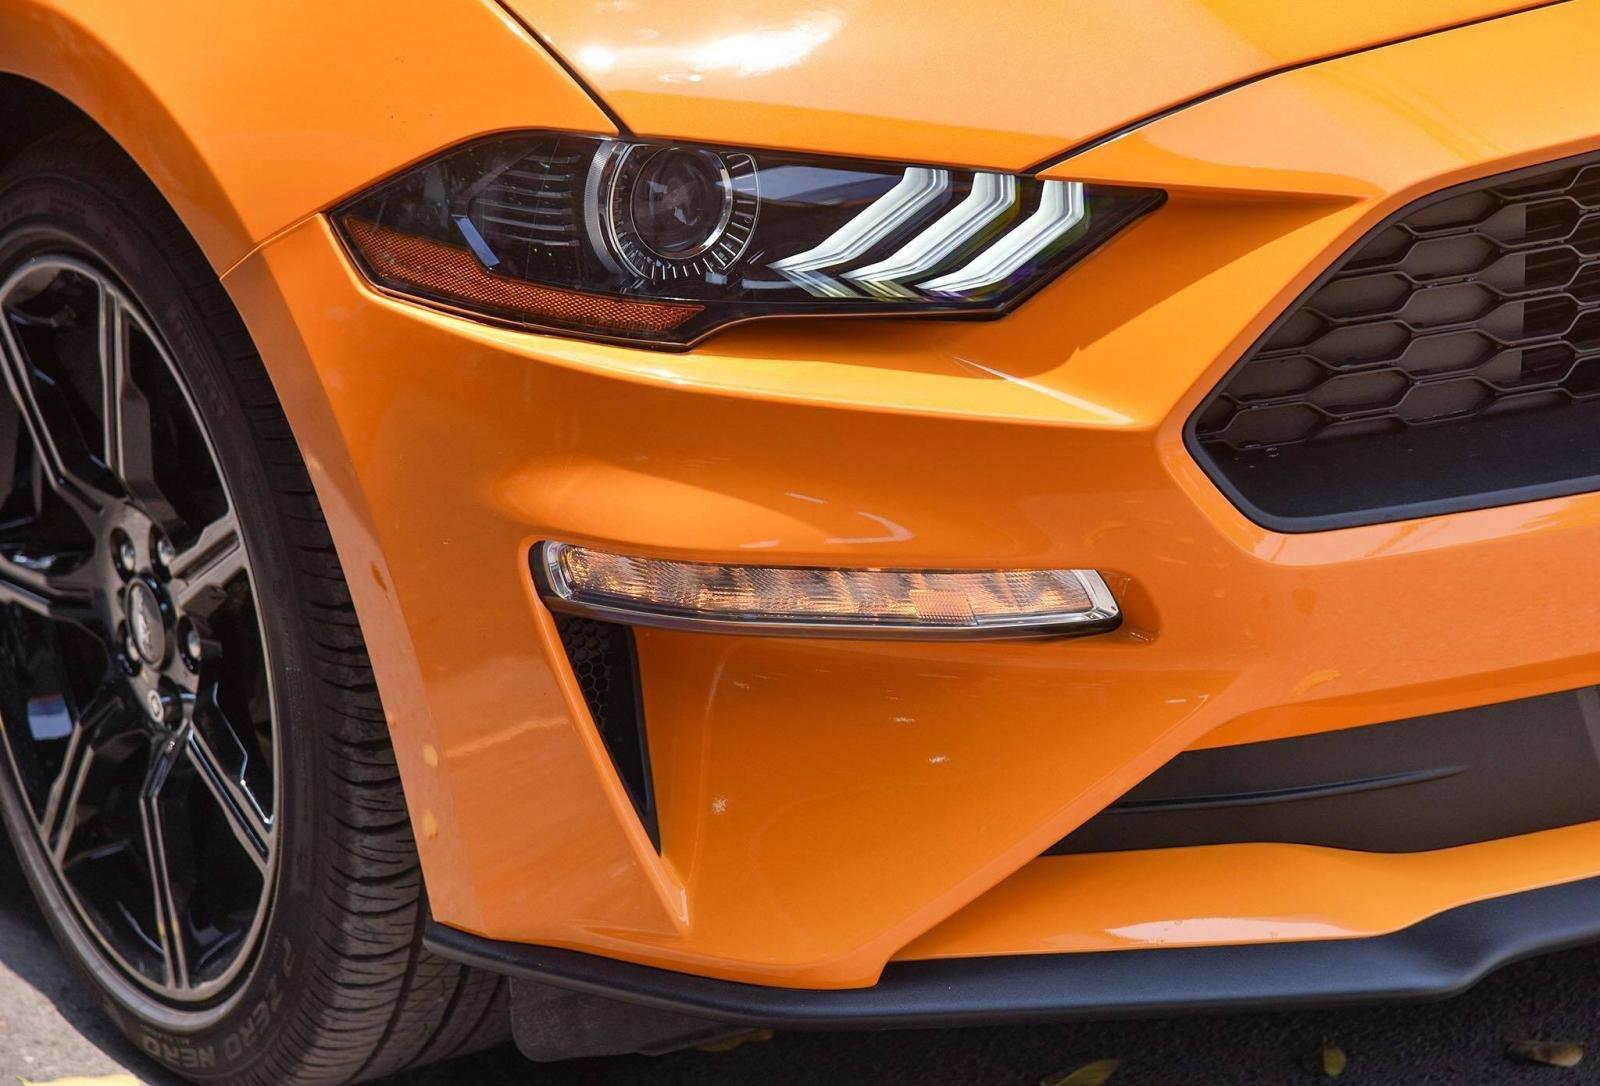 Ford Mustang 2019 màu cam cực độc đầu tiên xuất hiện tại Việt Nam - Ảnh 4.